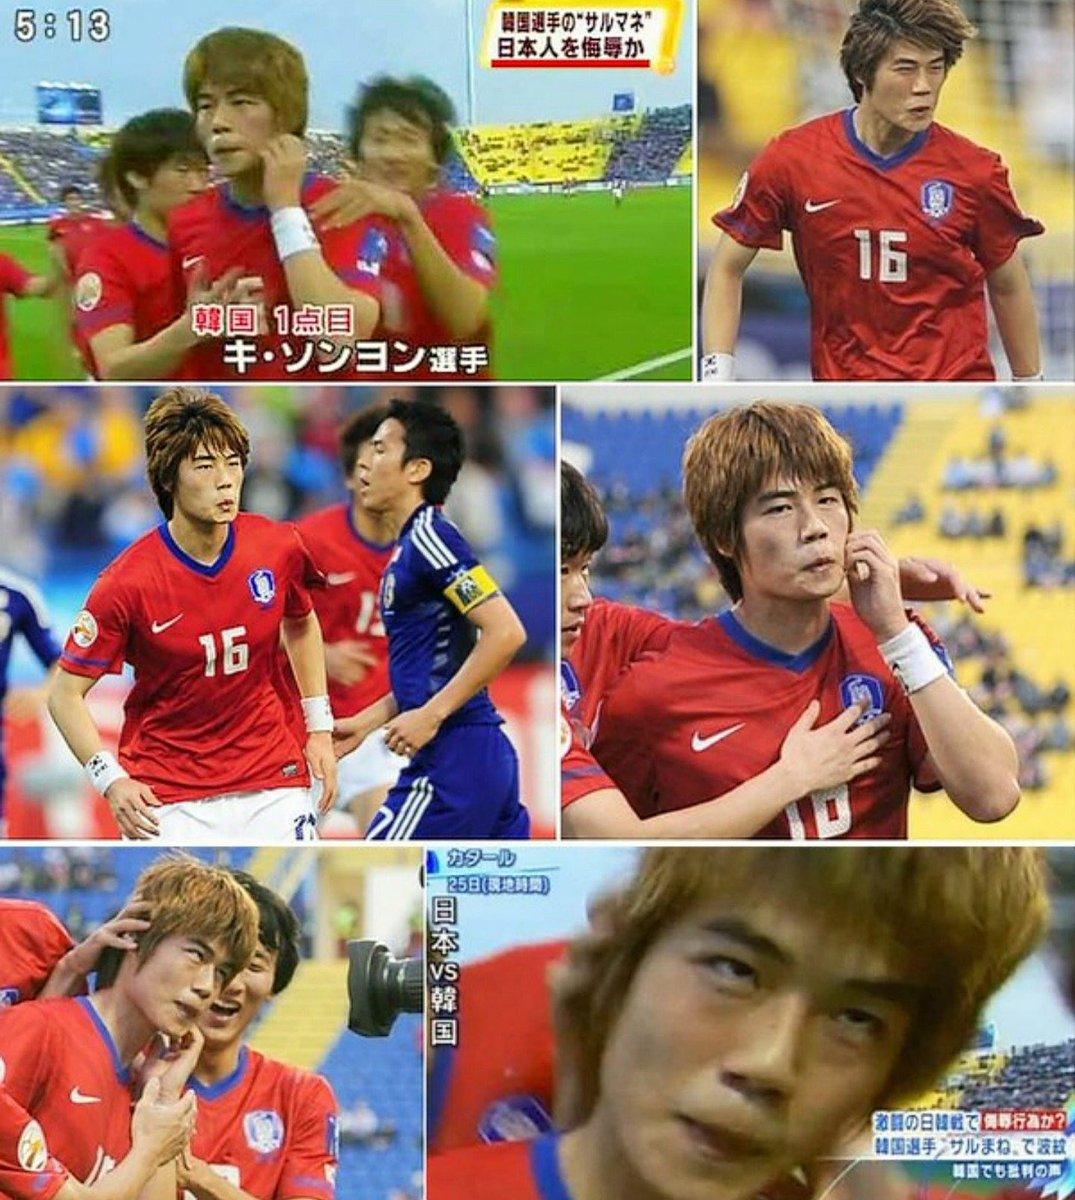 「日 韓 ワールド カップ 著名」の画像検索結果